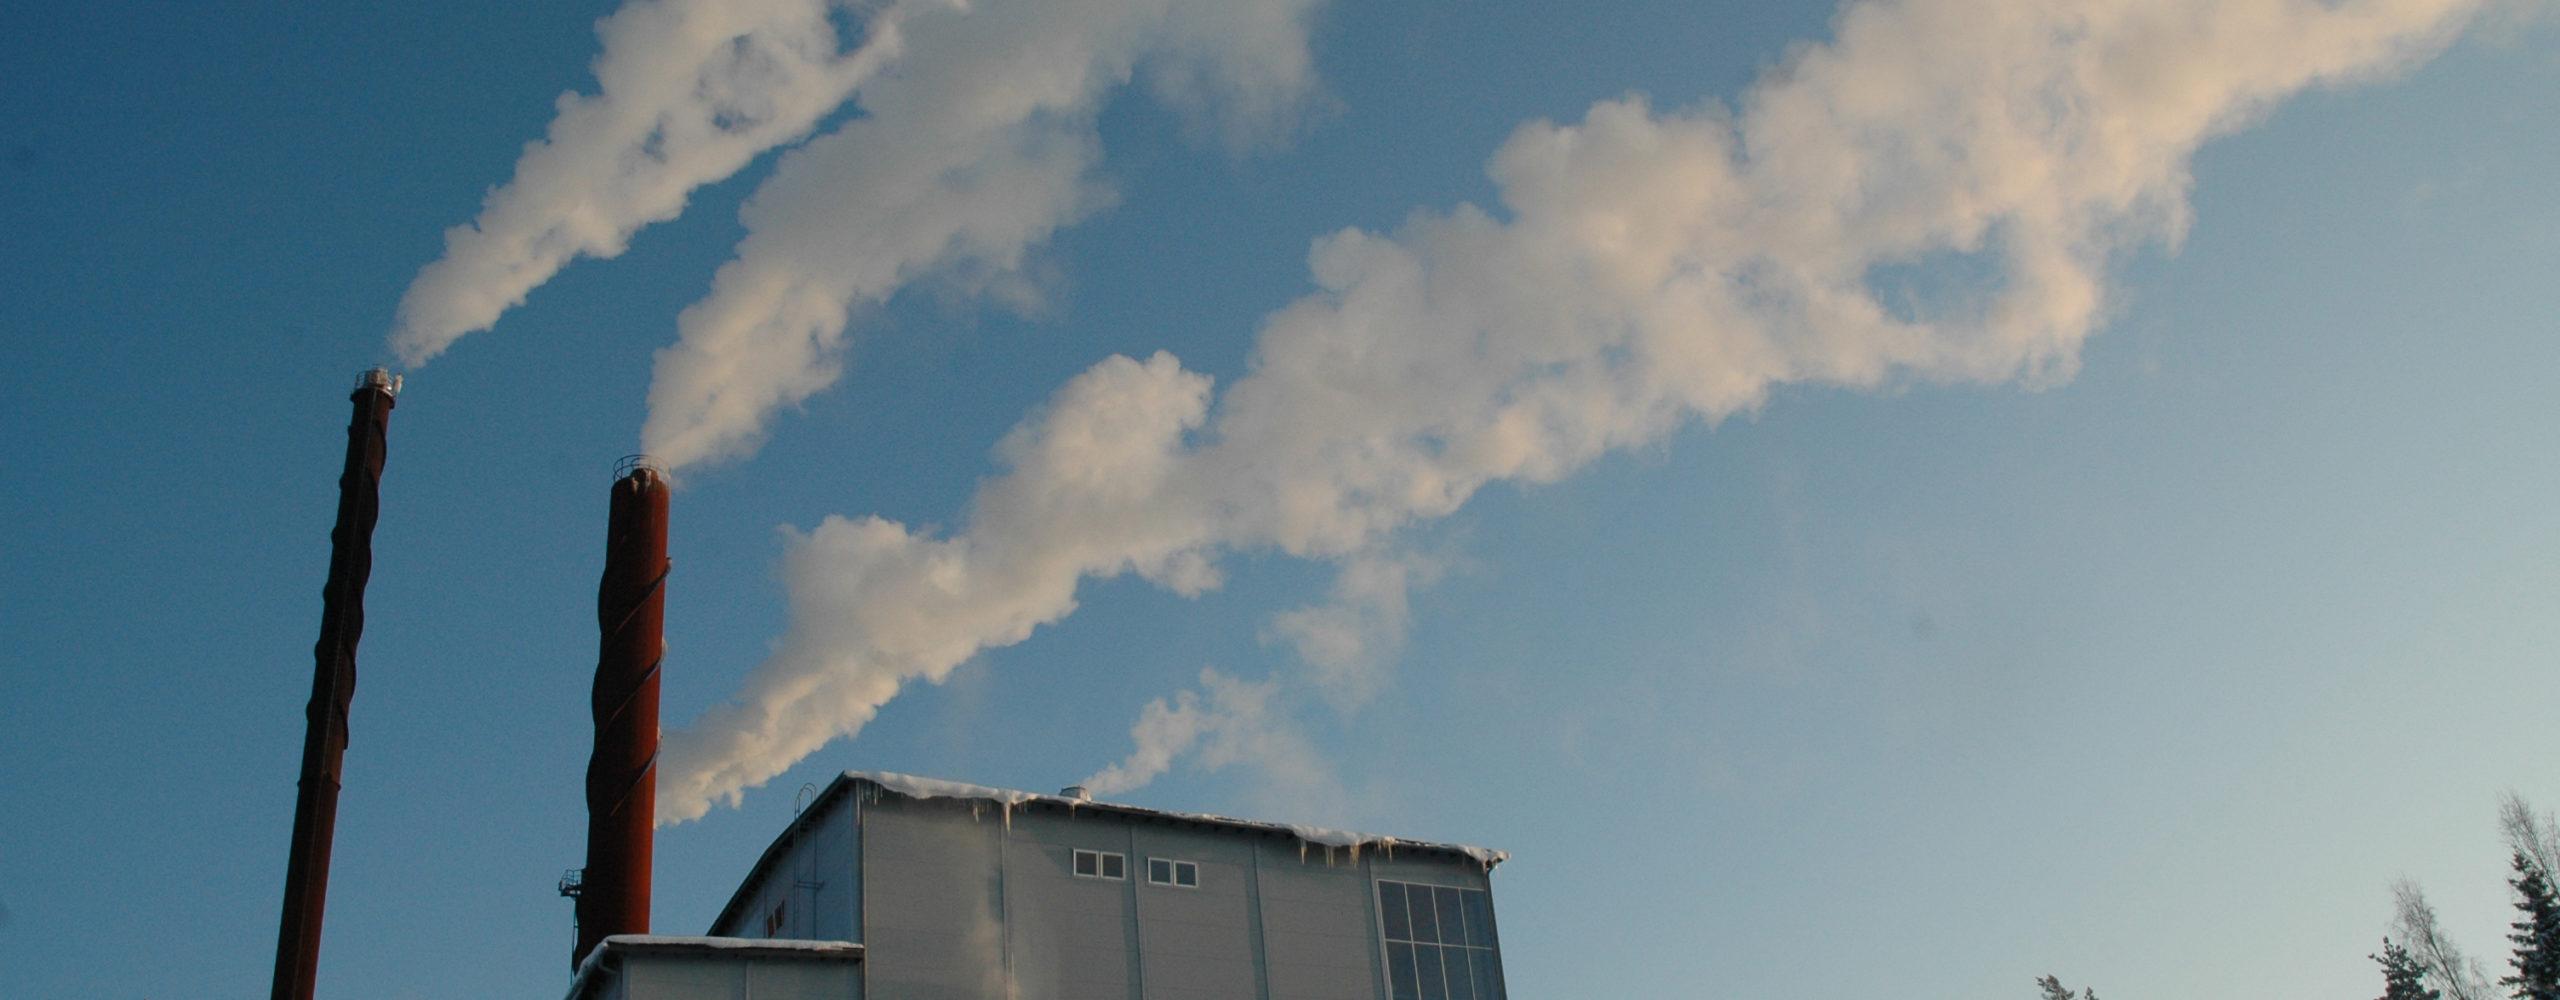 Läntisen Uudenmaan suurimmat päästöt lämmityksestä ja liikenteestä